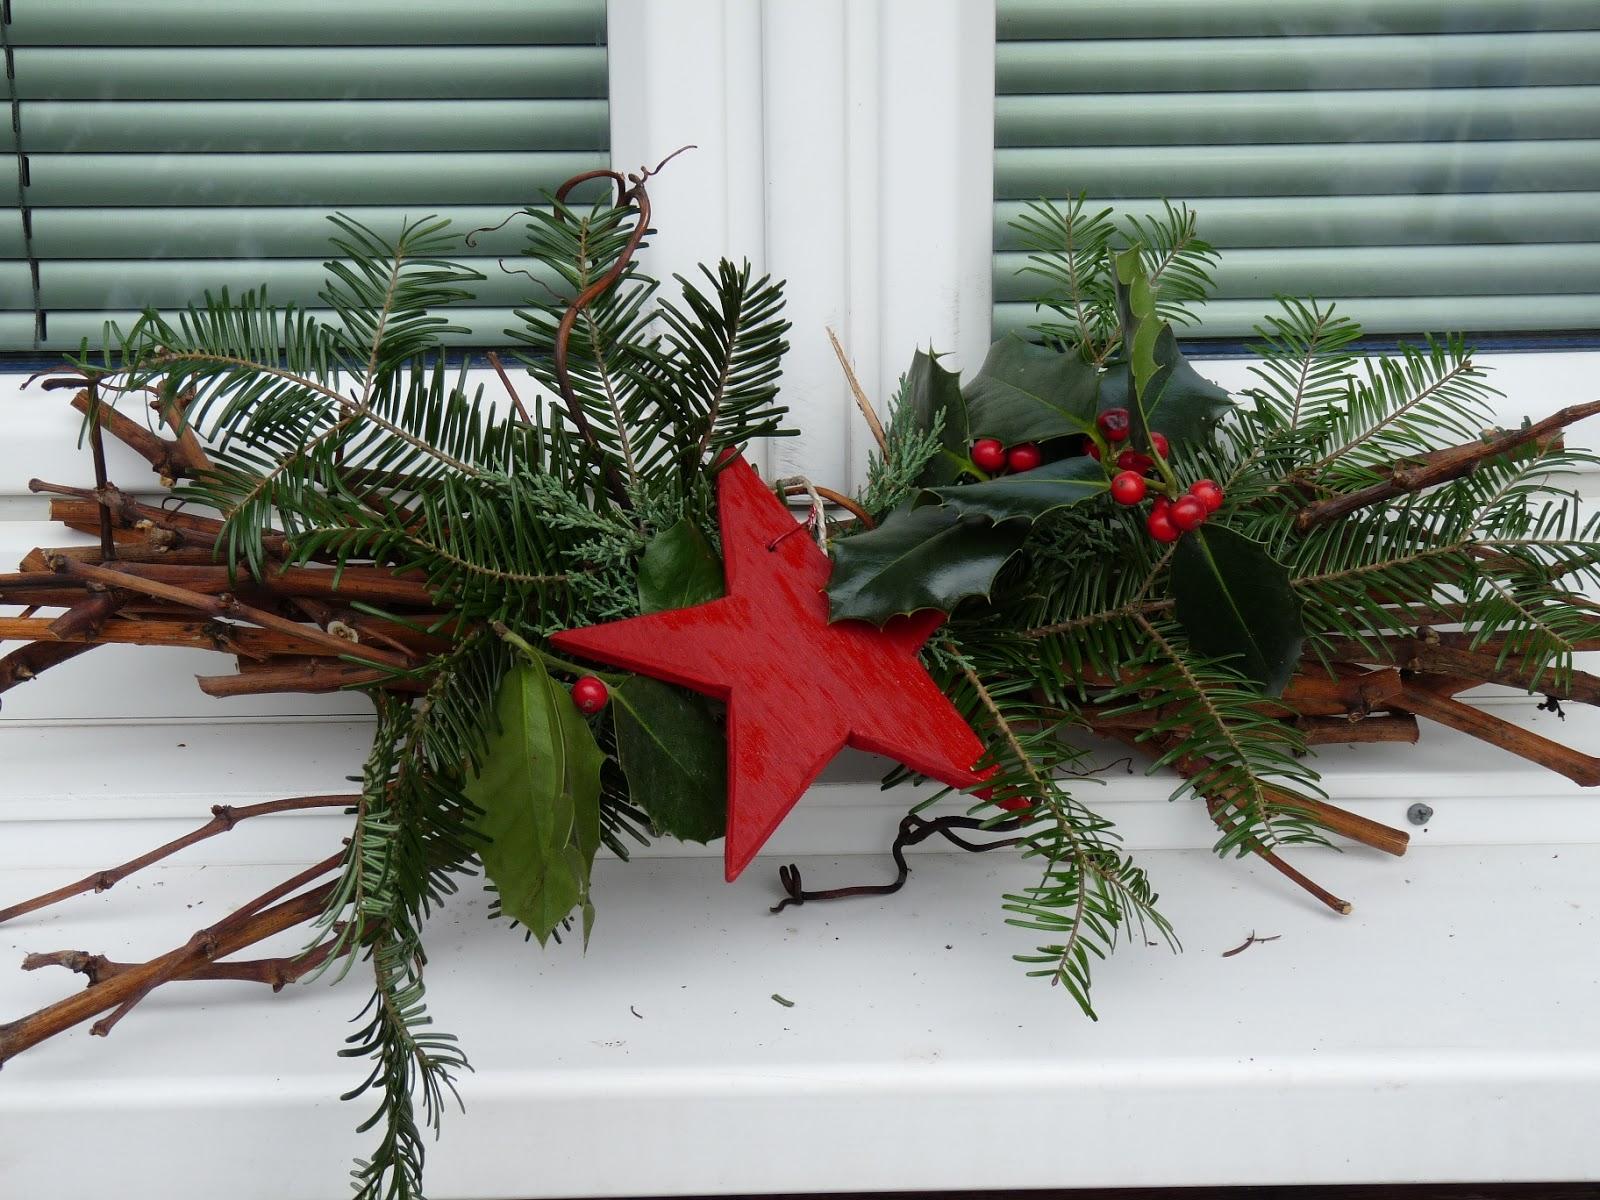 #852A25 Le Petit Monde De Bidule: Décorations De Noël Naturelles 6453 Décoration Noel Naturelle 1600x1200 px @ aertt.com